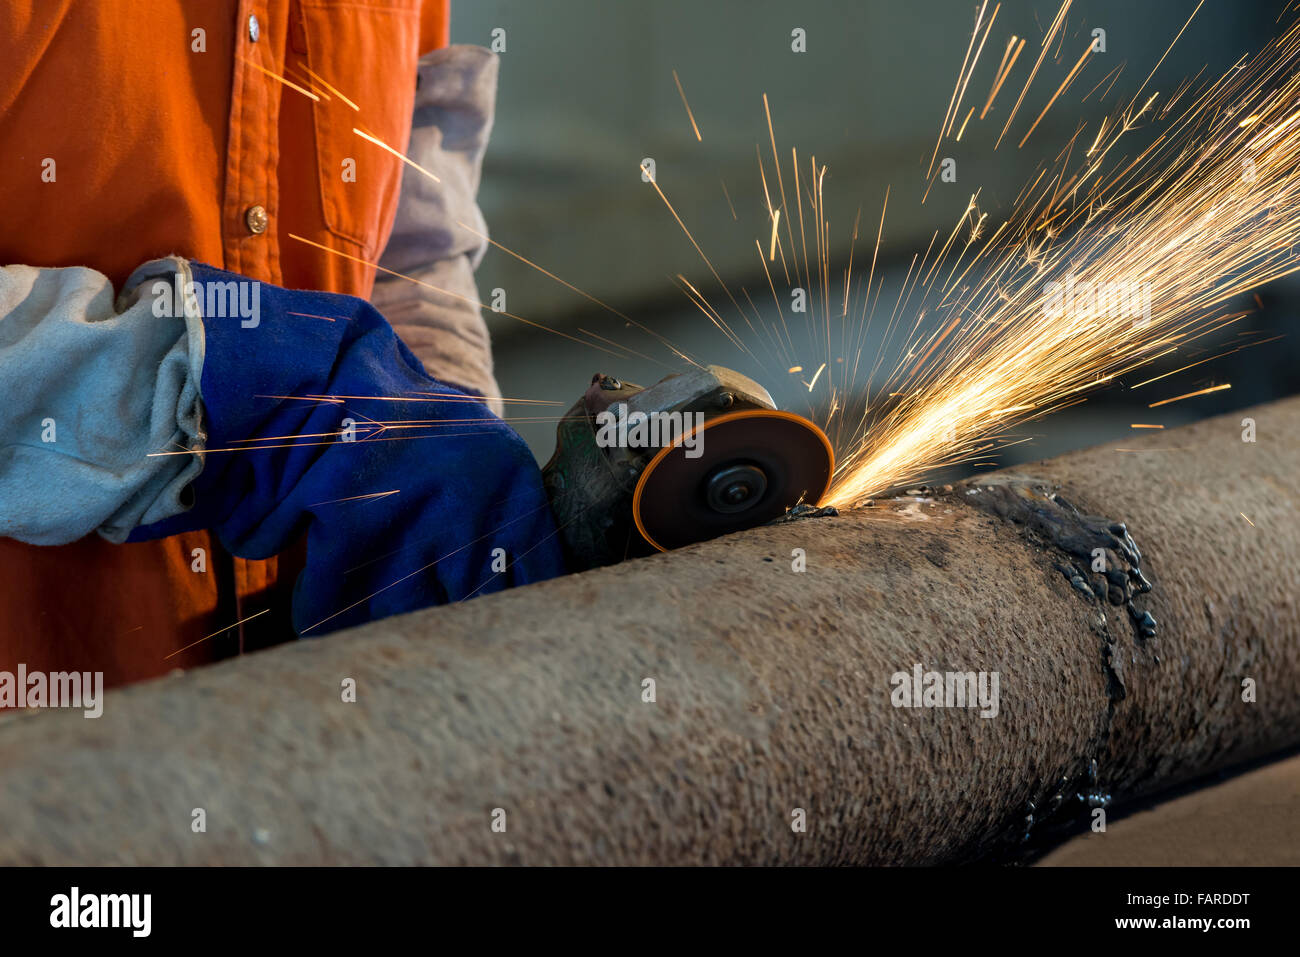 Arbeiter Schneiden Von Metall Mit Mahlwerk Funken Beim Schleifen